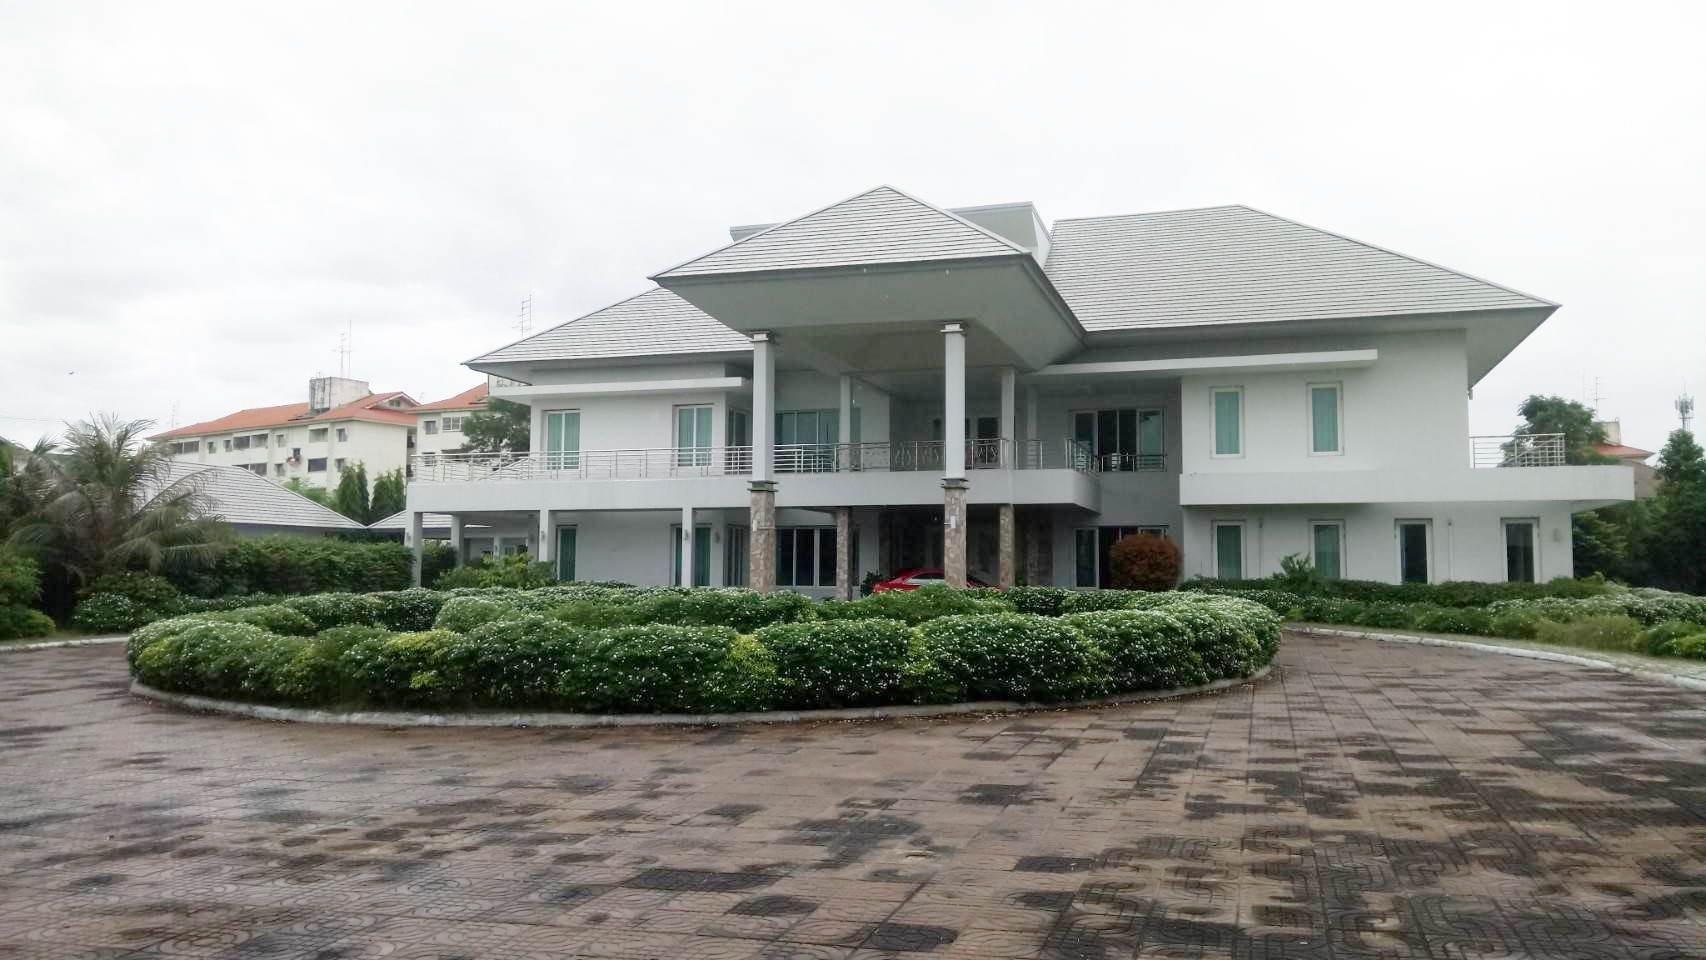 ขาย บ้านเดี่ยว 2 ชั้น ม.ชวนชื่นฟลอร่าวิลล์ บางคูวัด ปทุมธานี